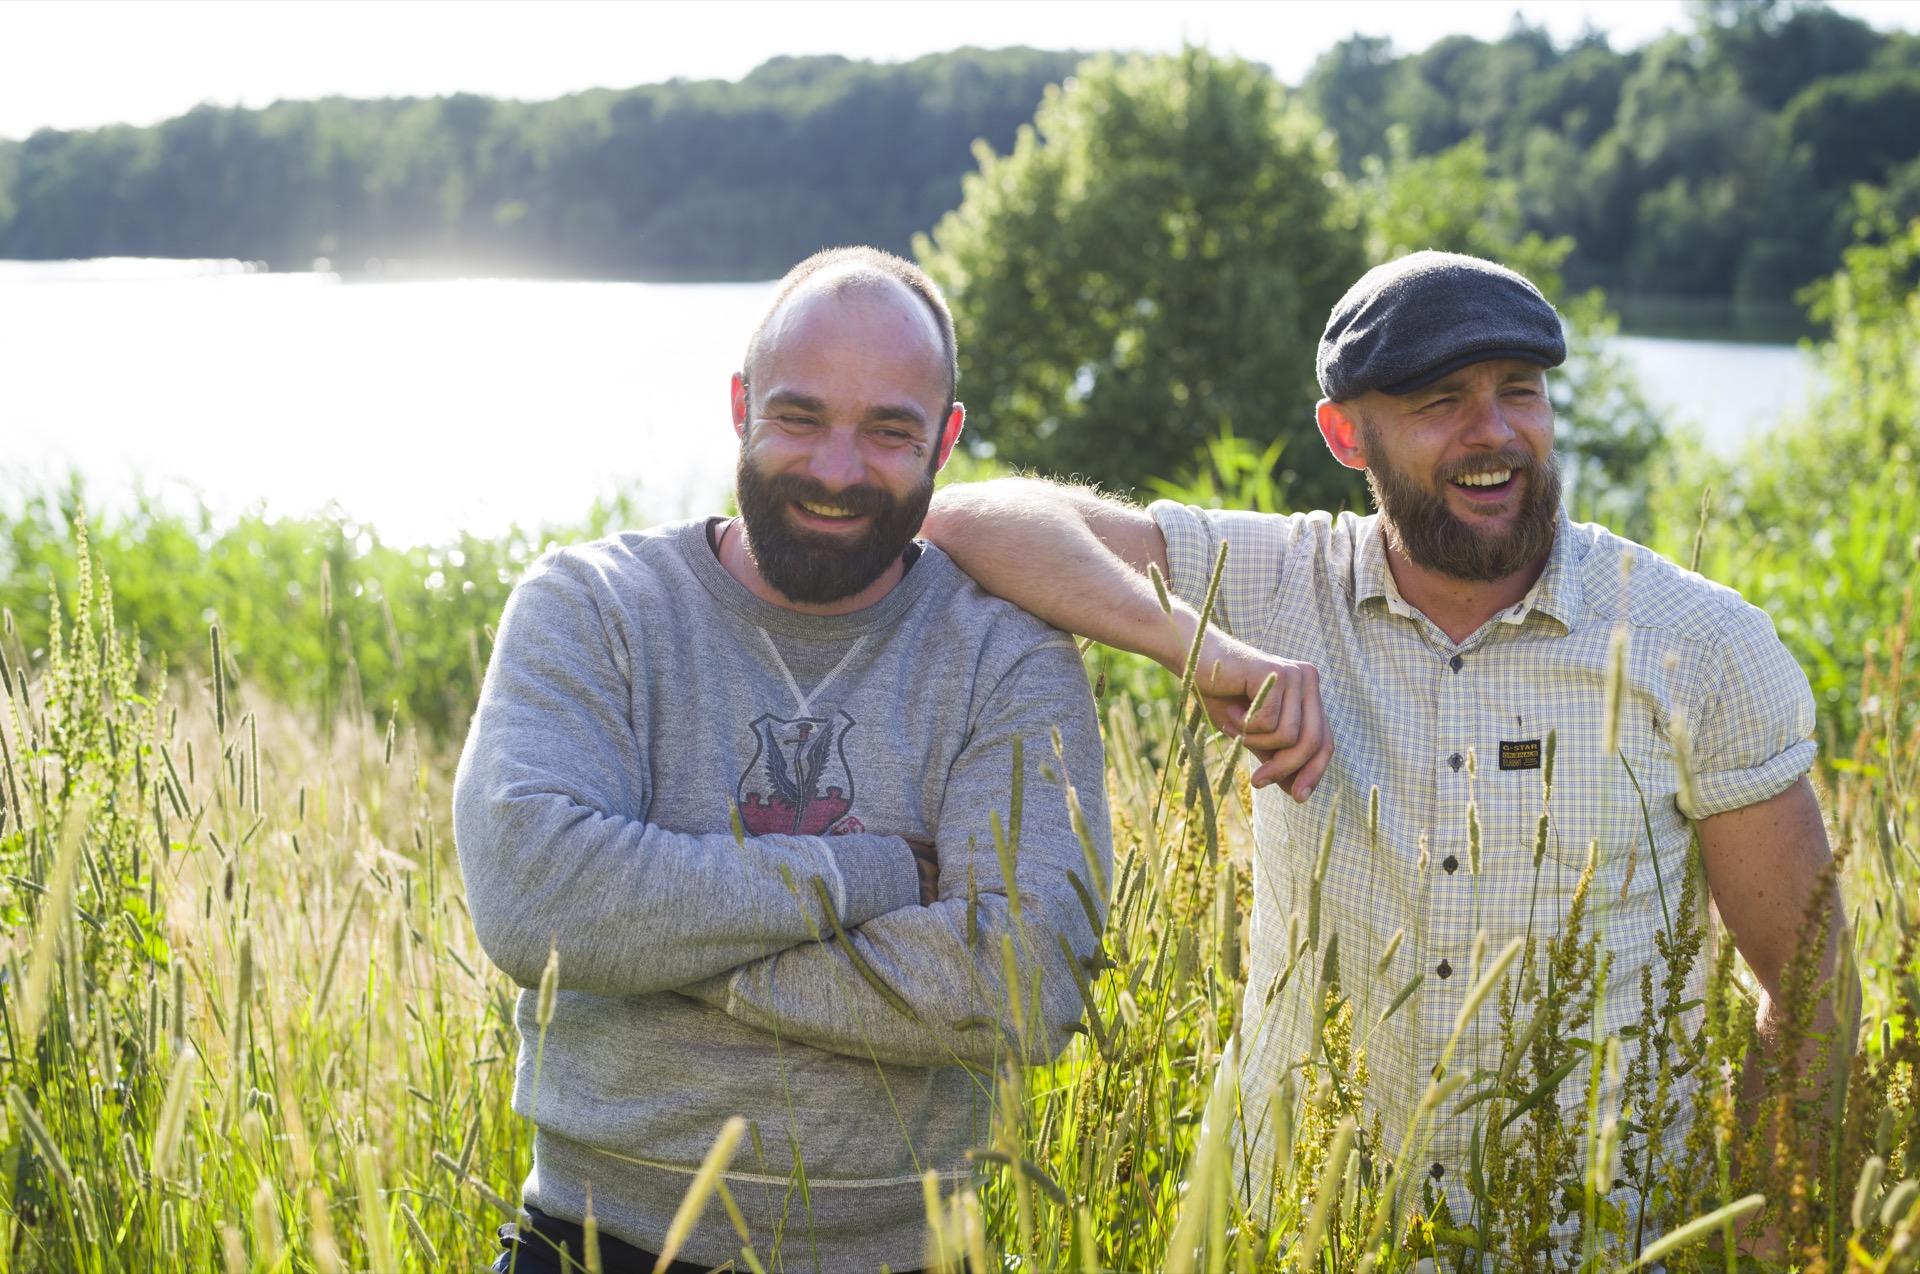 Die Köche – die Brüder Eggert – aus Berlin stehen für eine natürlich, frische und nachhaltige Küche ©Oliver Hardtjaegermagazin jagd campers kitchen kochen köche